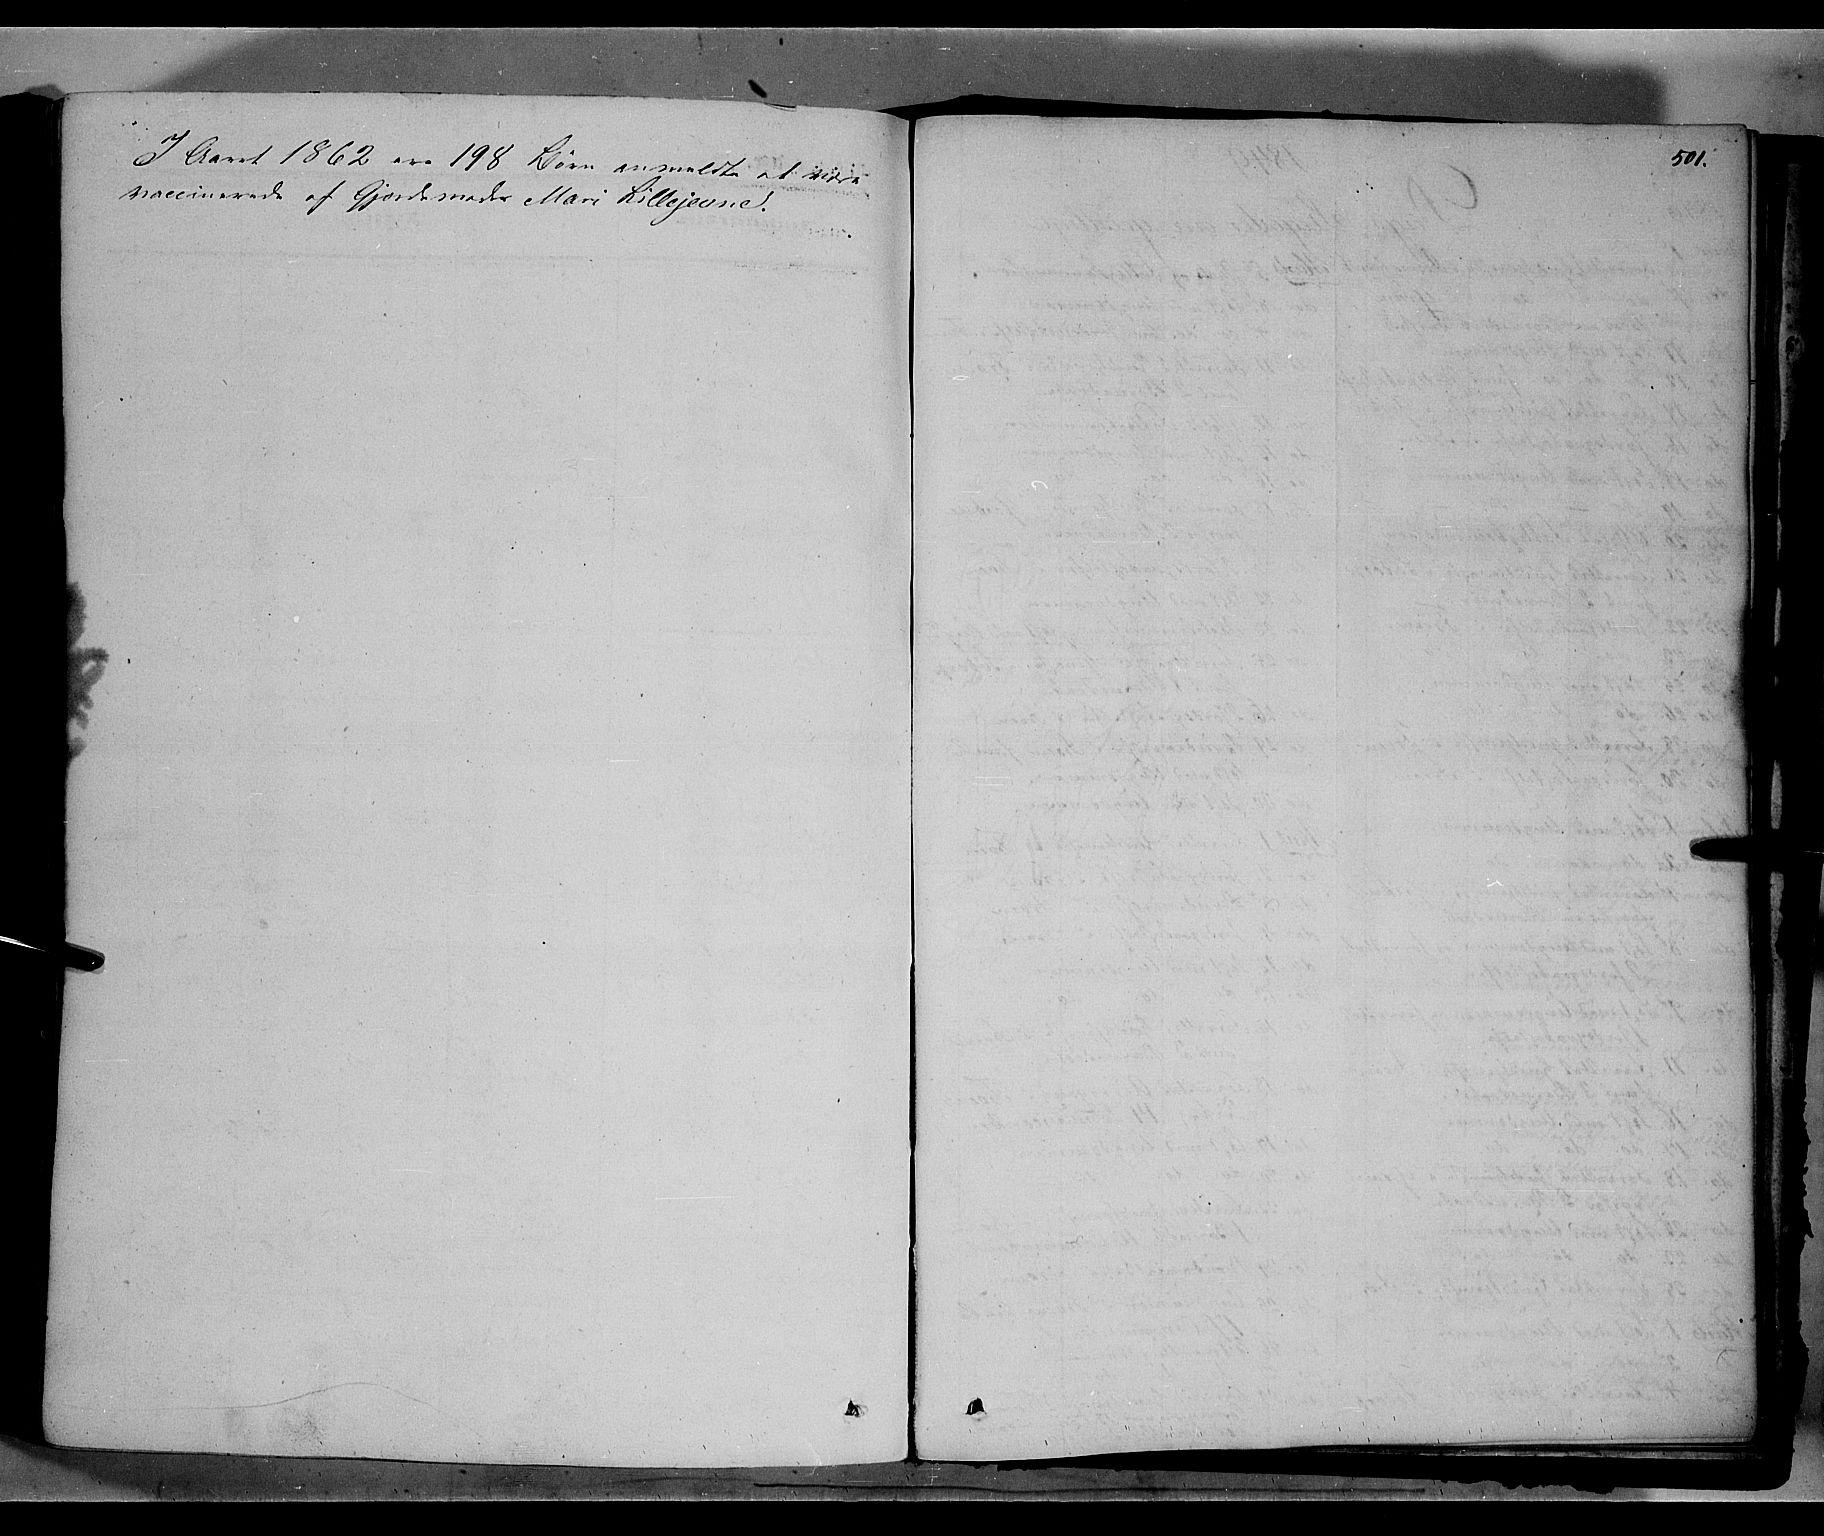 SAH, Sør-Fron prestekontor, H/Ha/Haa/L0001: Ministerialbok nr. 1, 1849-1863, s. 501